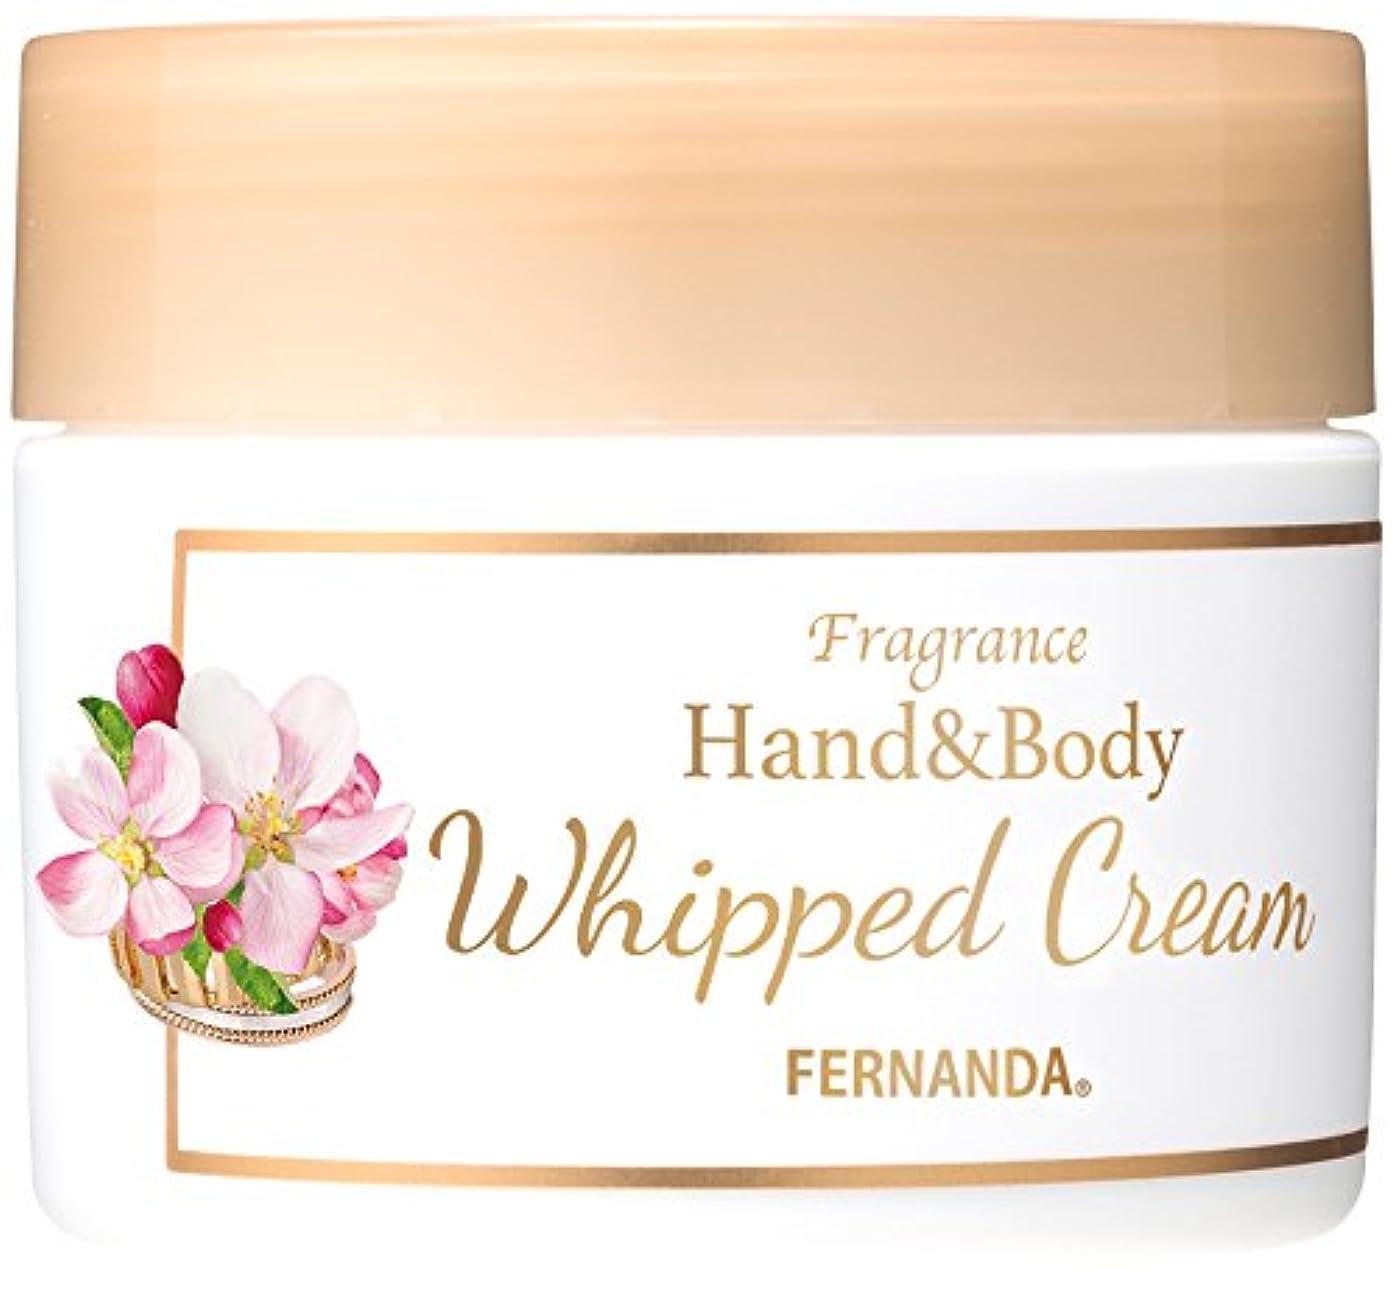 ピアノ生き残ります泥棒FERNANDA(フェルナンダ) Hand&Body Whipped Cream Primeiro Amor (ハンド&ホイップクリーム プリメイロアモール)